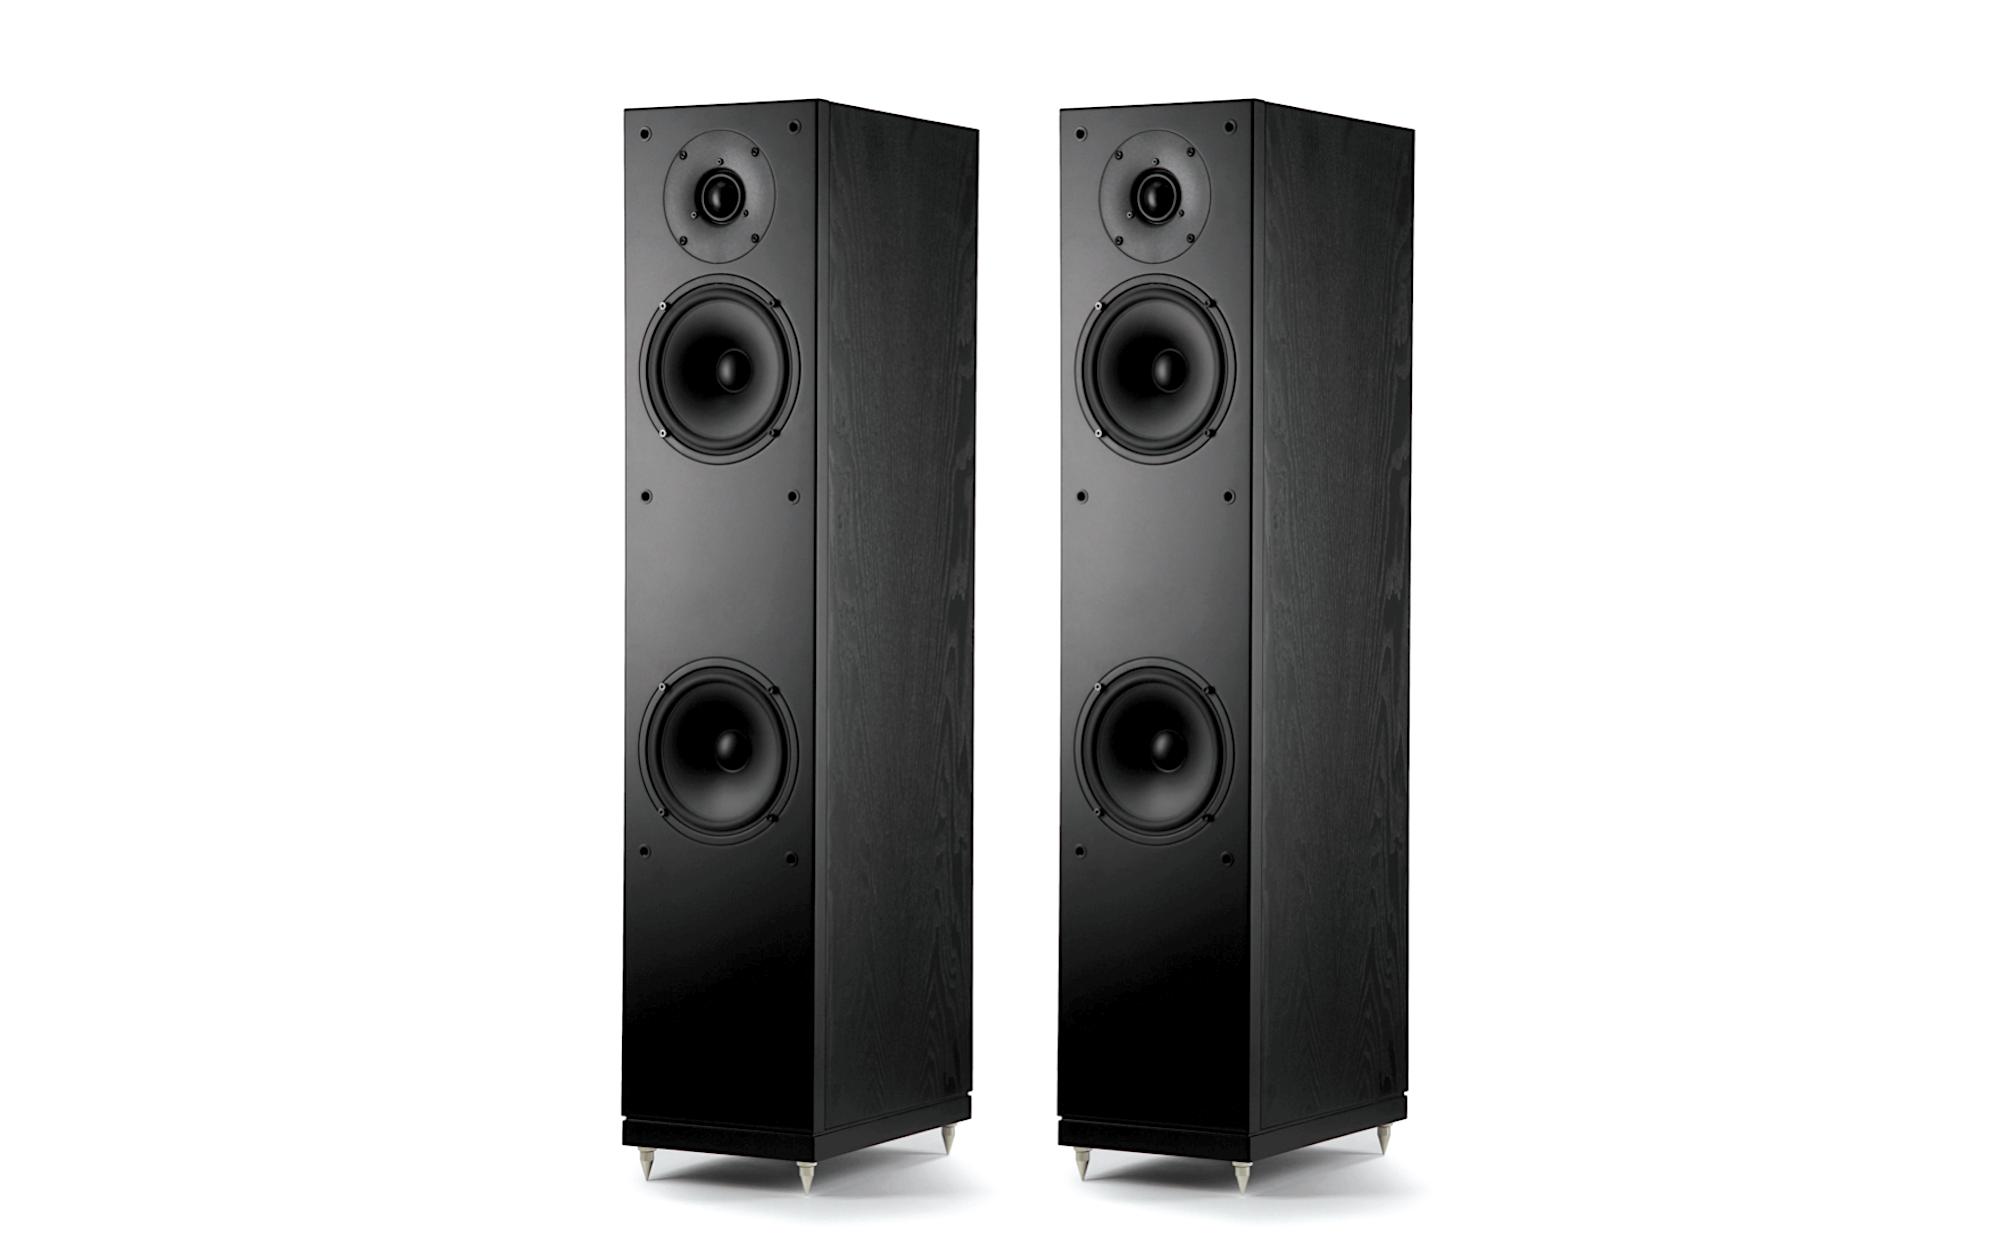 Arslab, DALI и Monitor Audio  три избранные пары напольной акустики в диапазоне 60-80 тысяч рублей